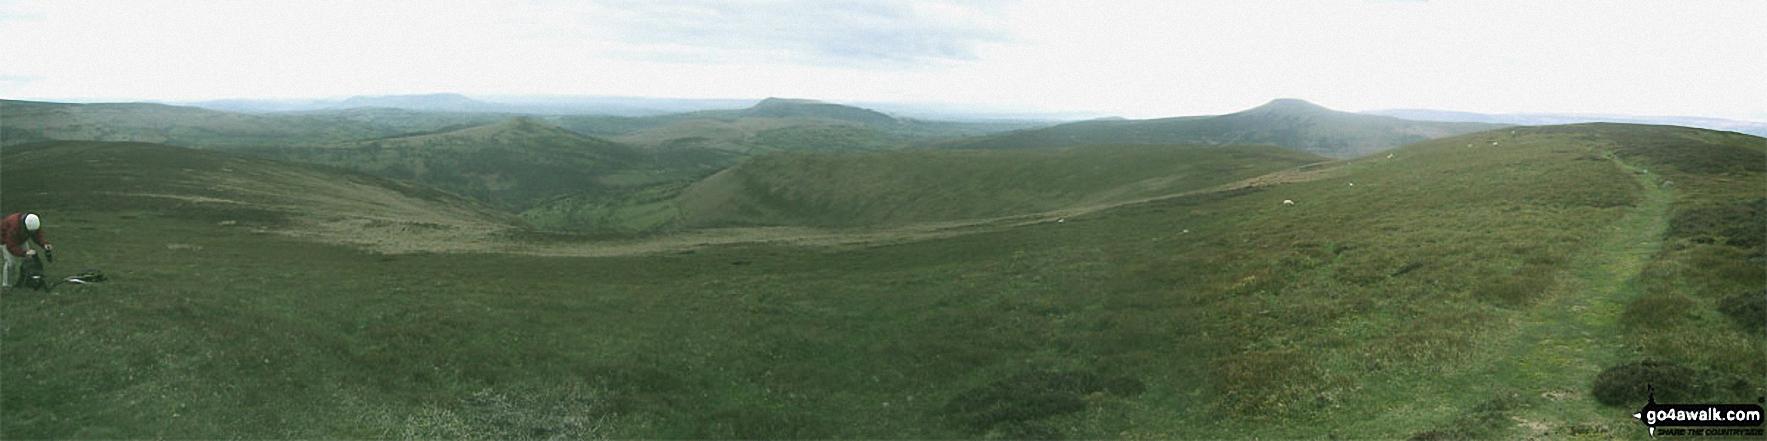 *Waun Fach and Pen y Gadair Fawr from the Pen Twyn Mawr ridge